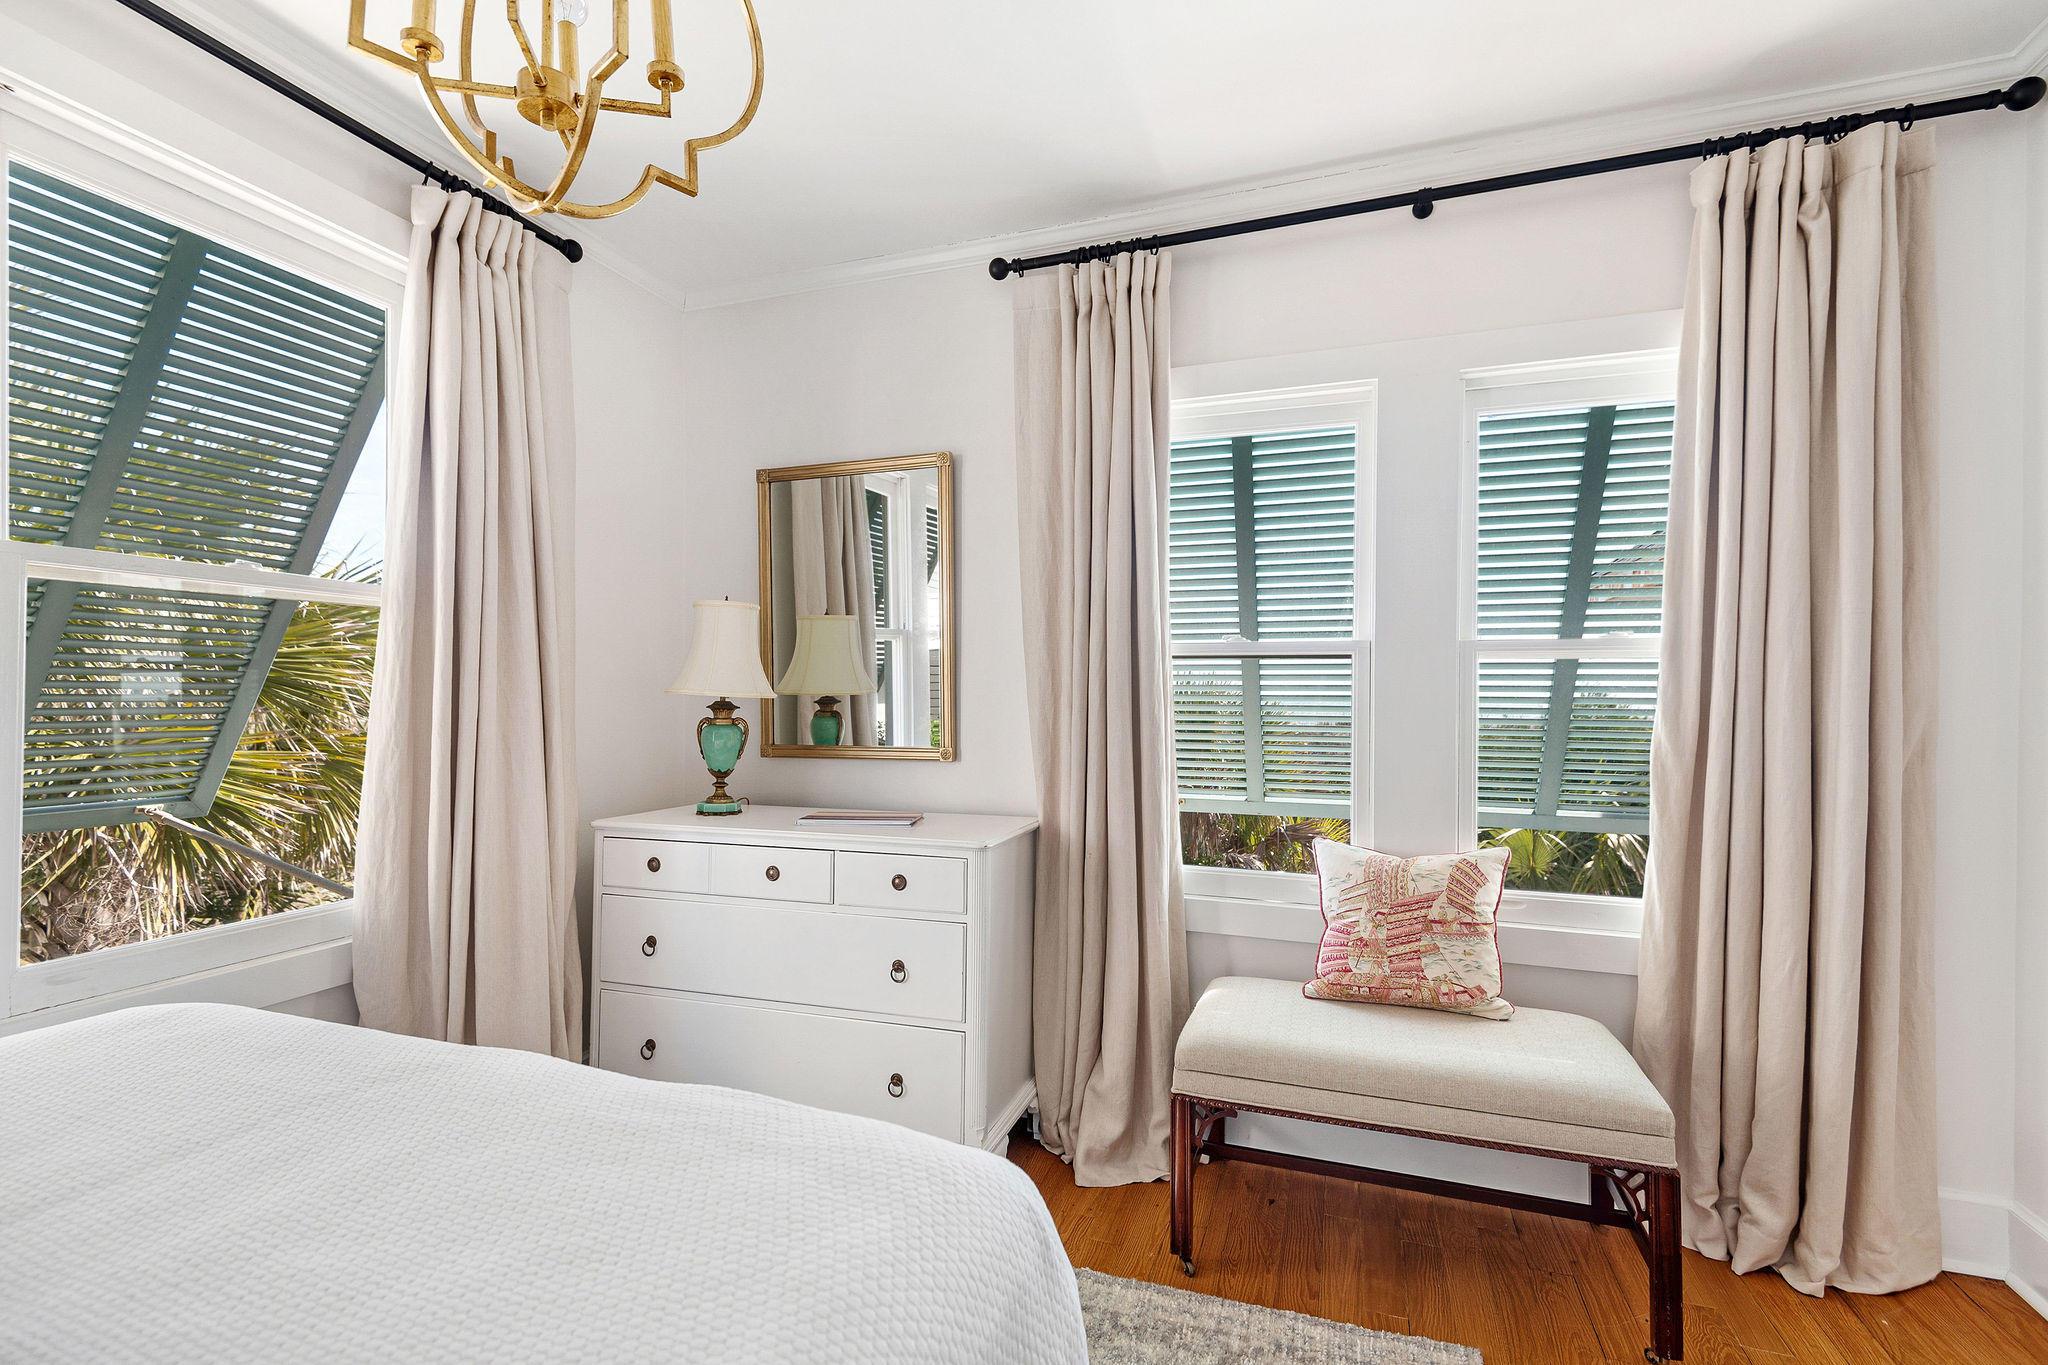 Folly Beach Homes For Sale - 509 Ashley, Folly Beach, SC - 5